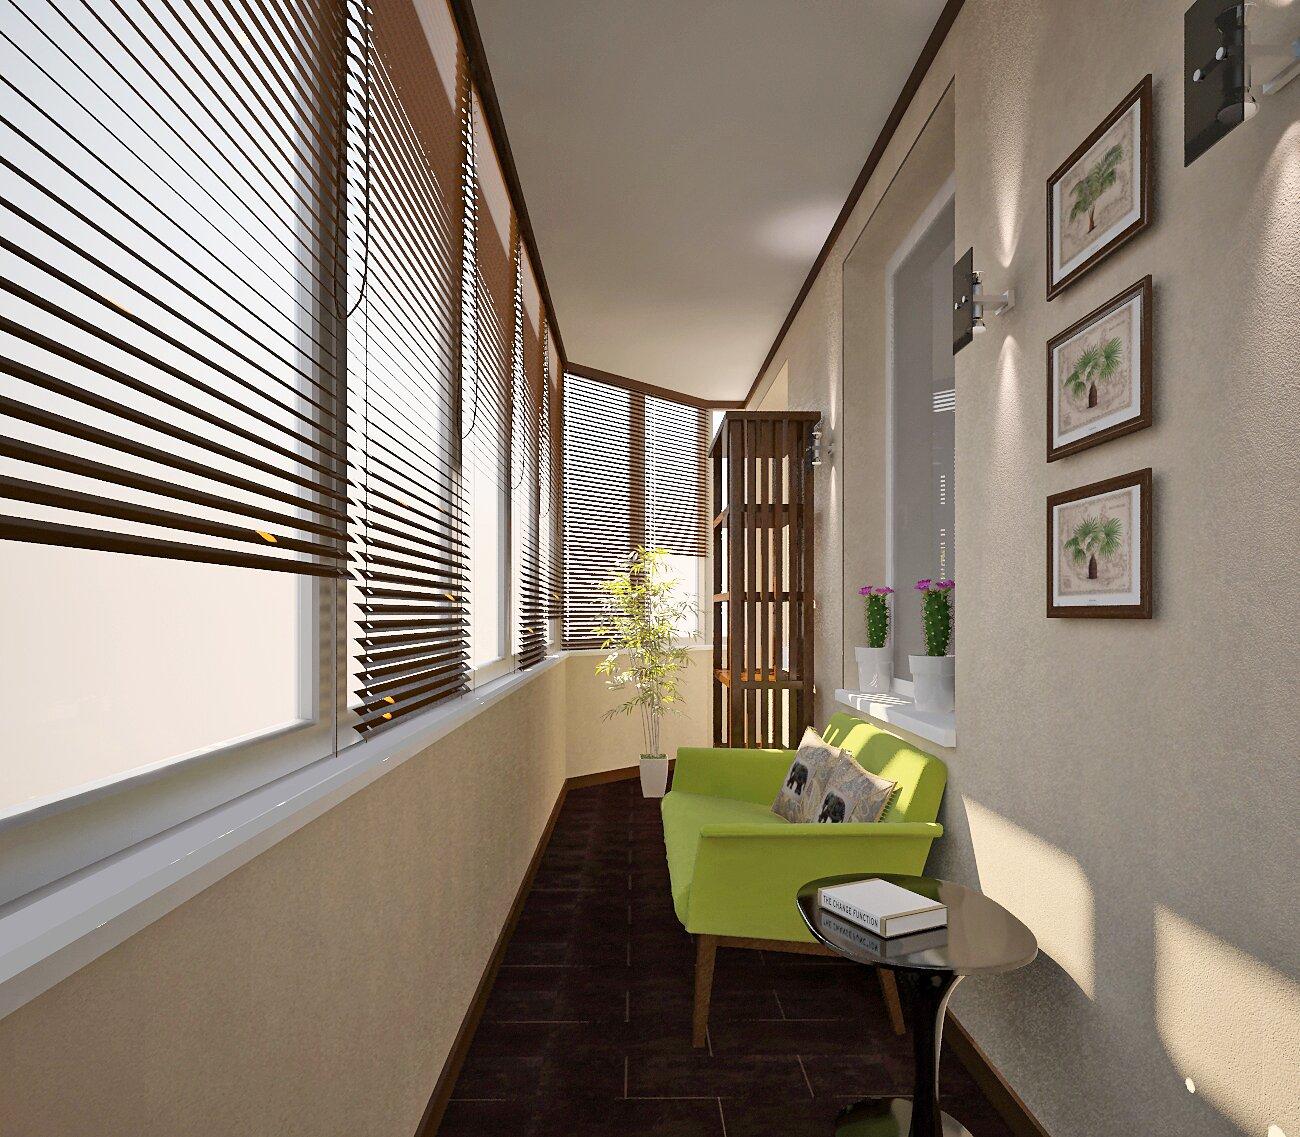 Дизайн лоджии идеи дизайна отделки лоджии фото pinedesign.